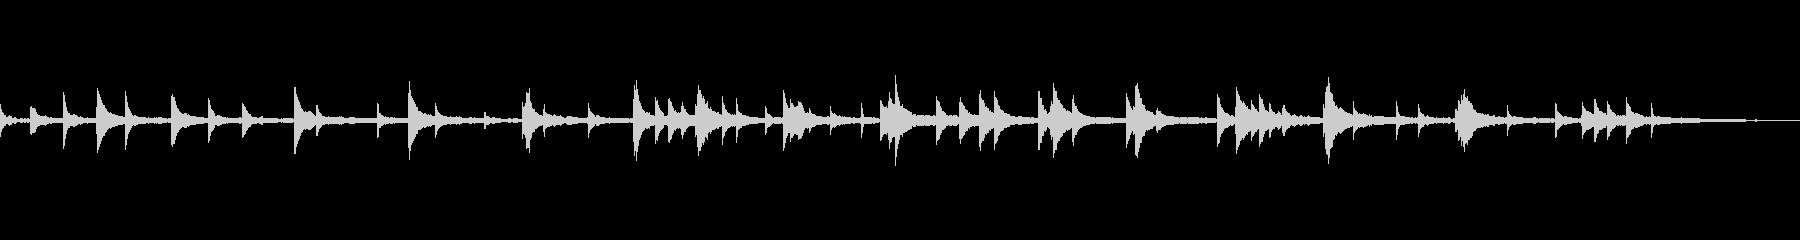 映像・ナレーション用ピアノ演奏(悲しみ)の未再生の波形